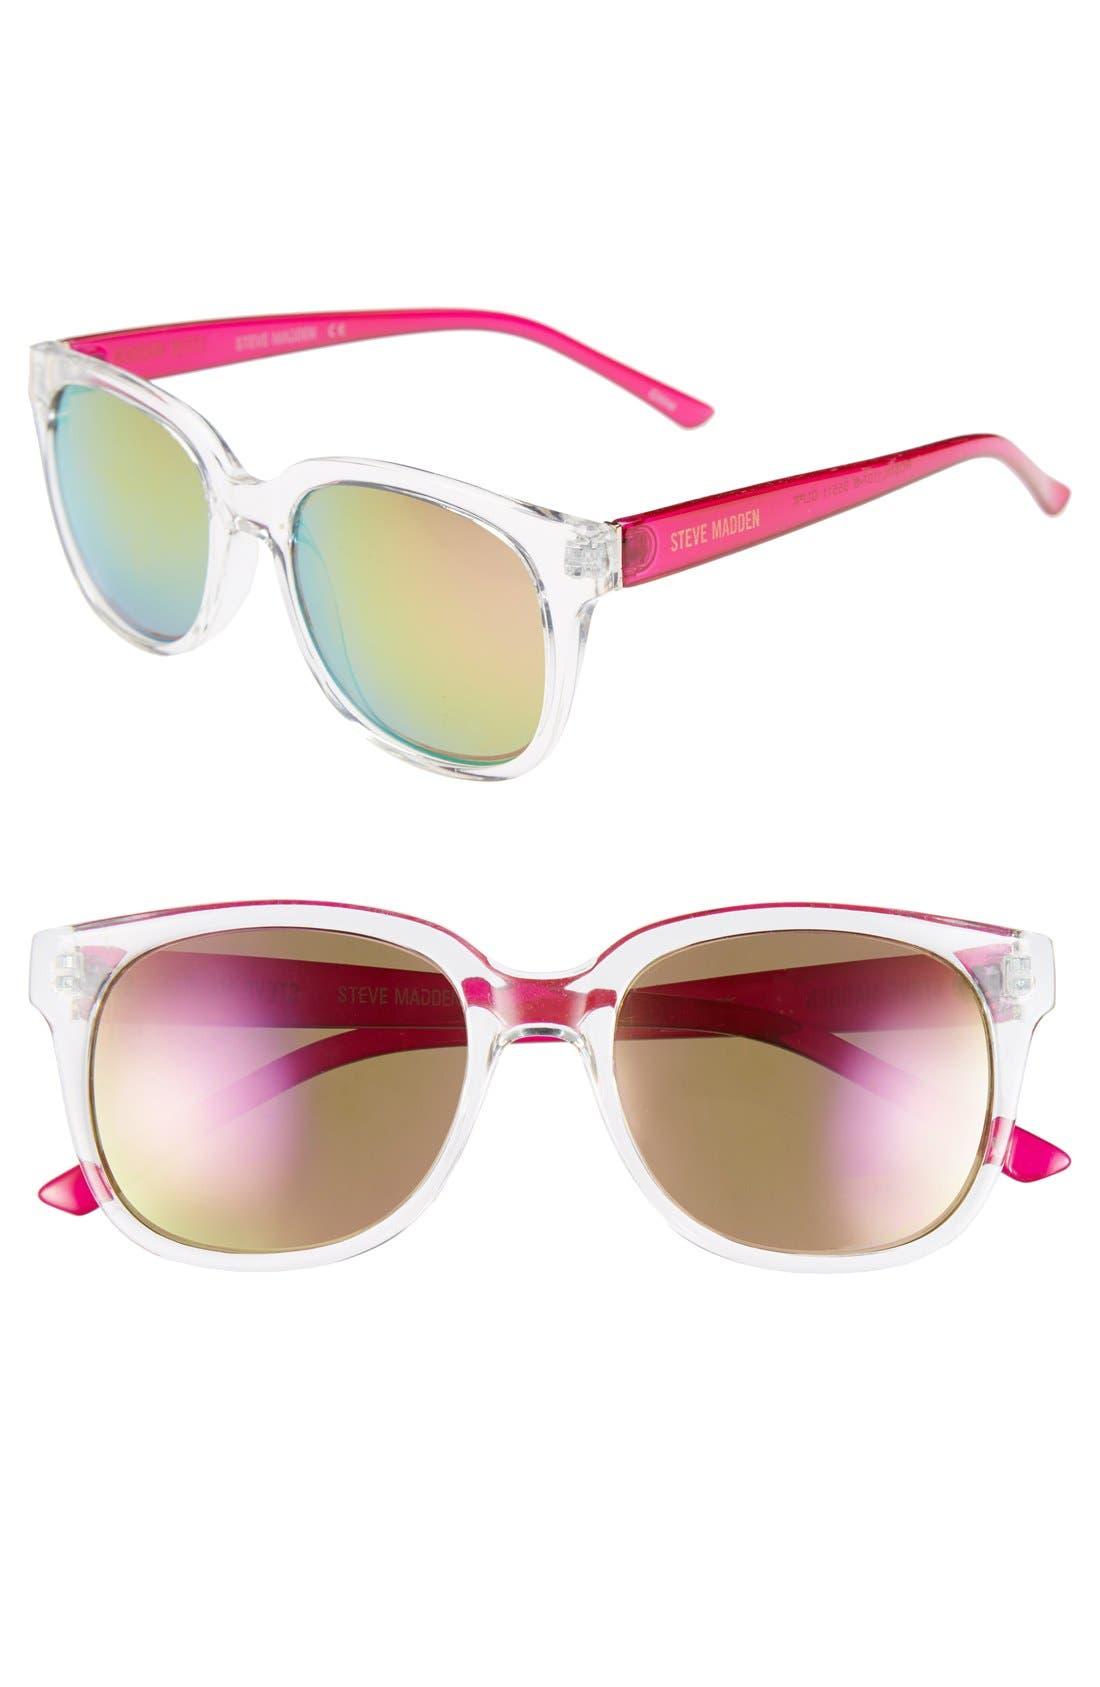 Alternate Image 1 Selected - Steve Madden 52mm Retro Sunglasses